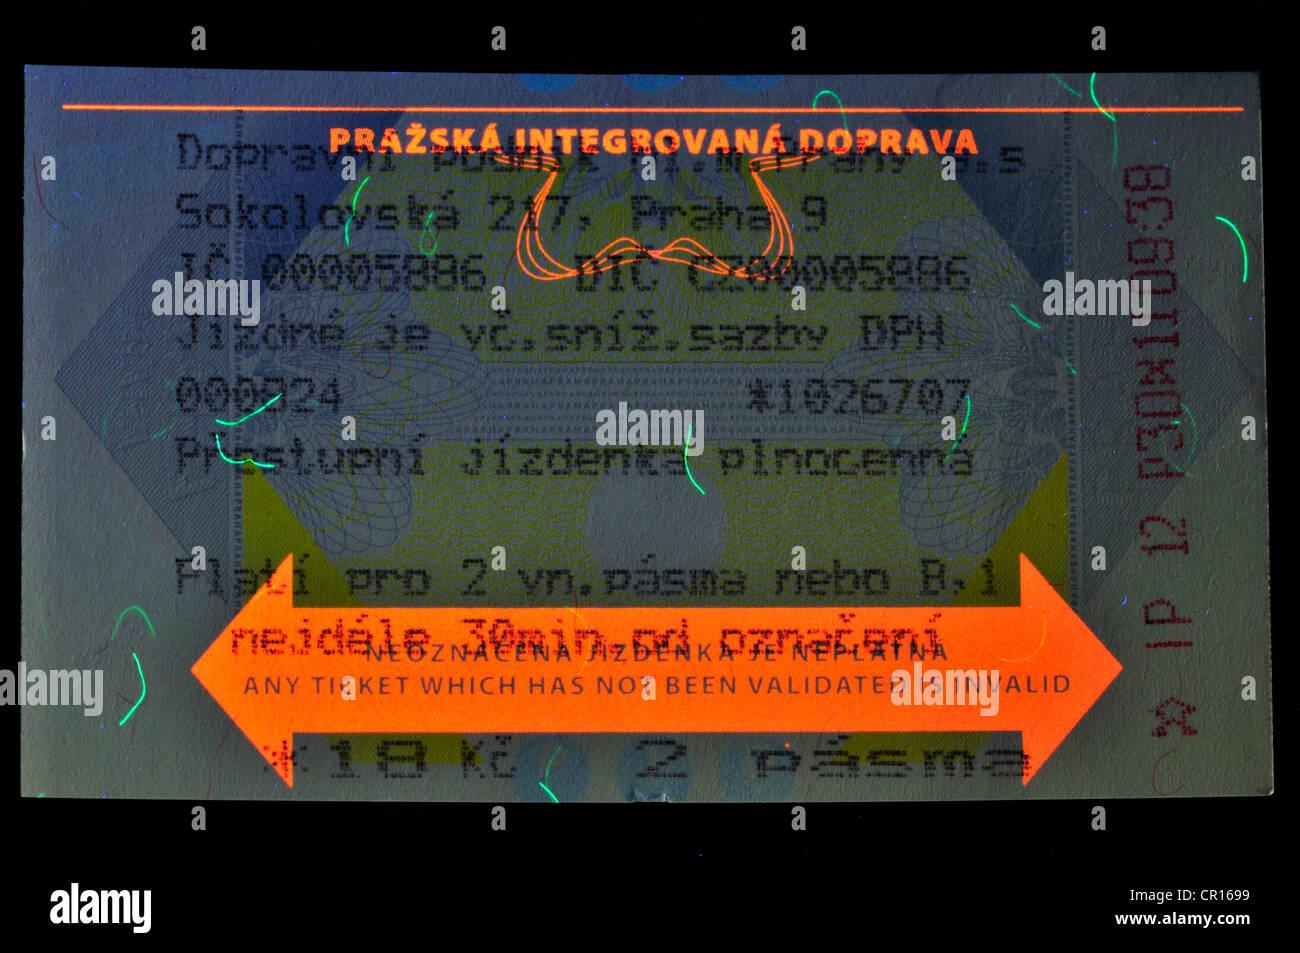 Transports Prague billet indiquant les éléments de sécurité sous la lumière ultraviolette Photo Stock